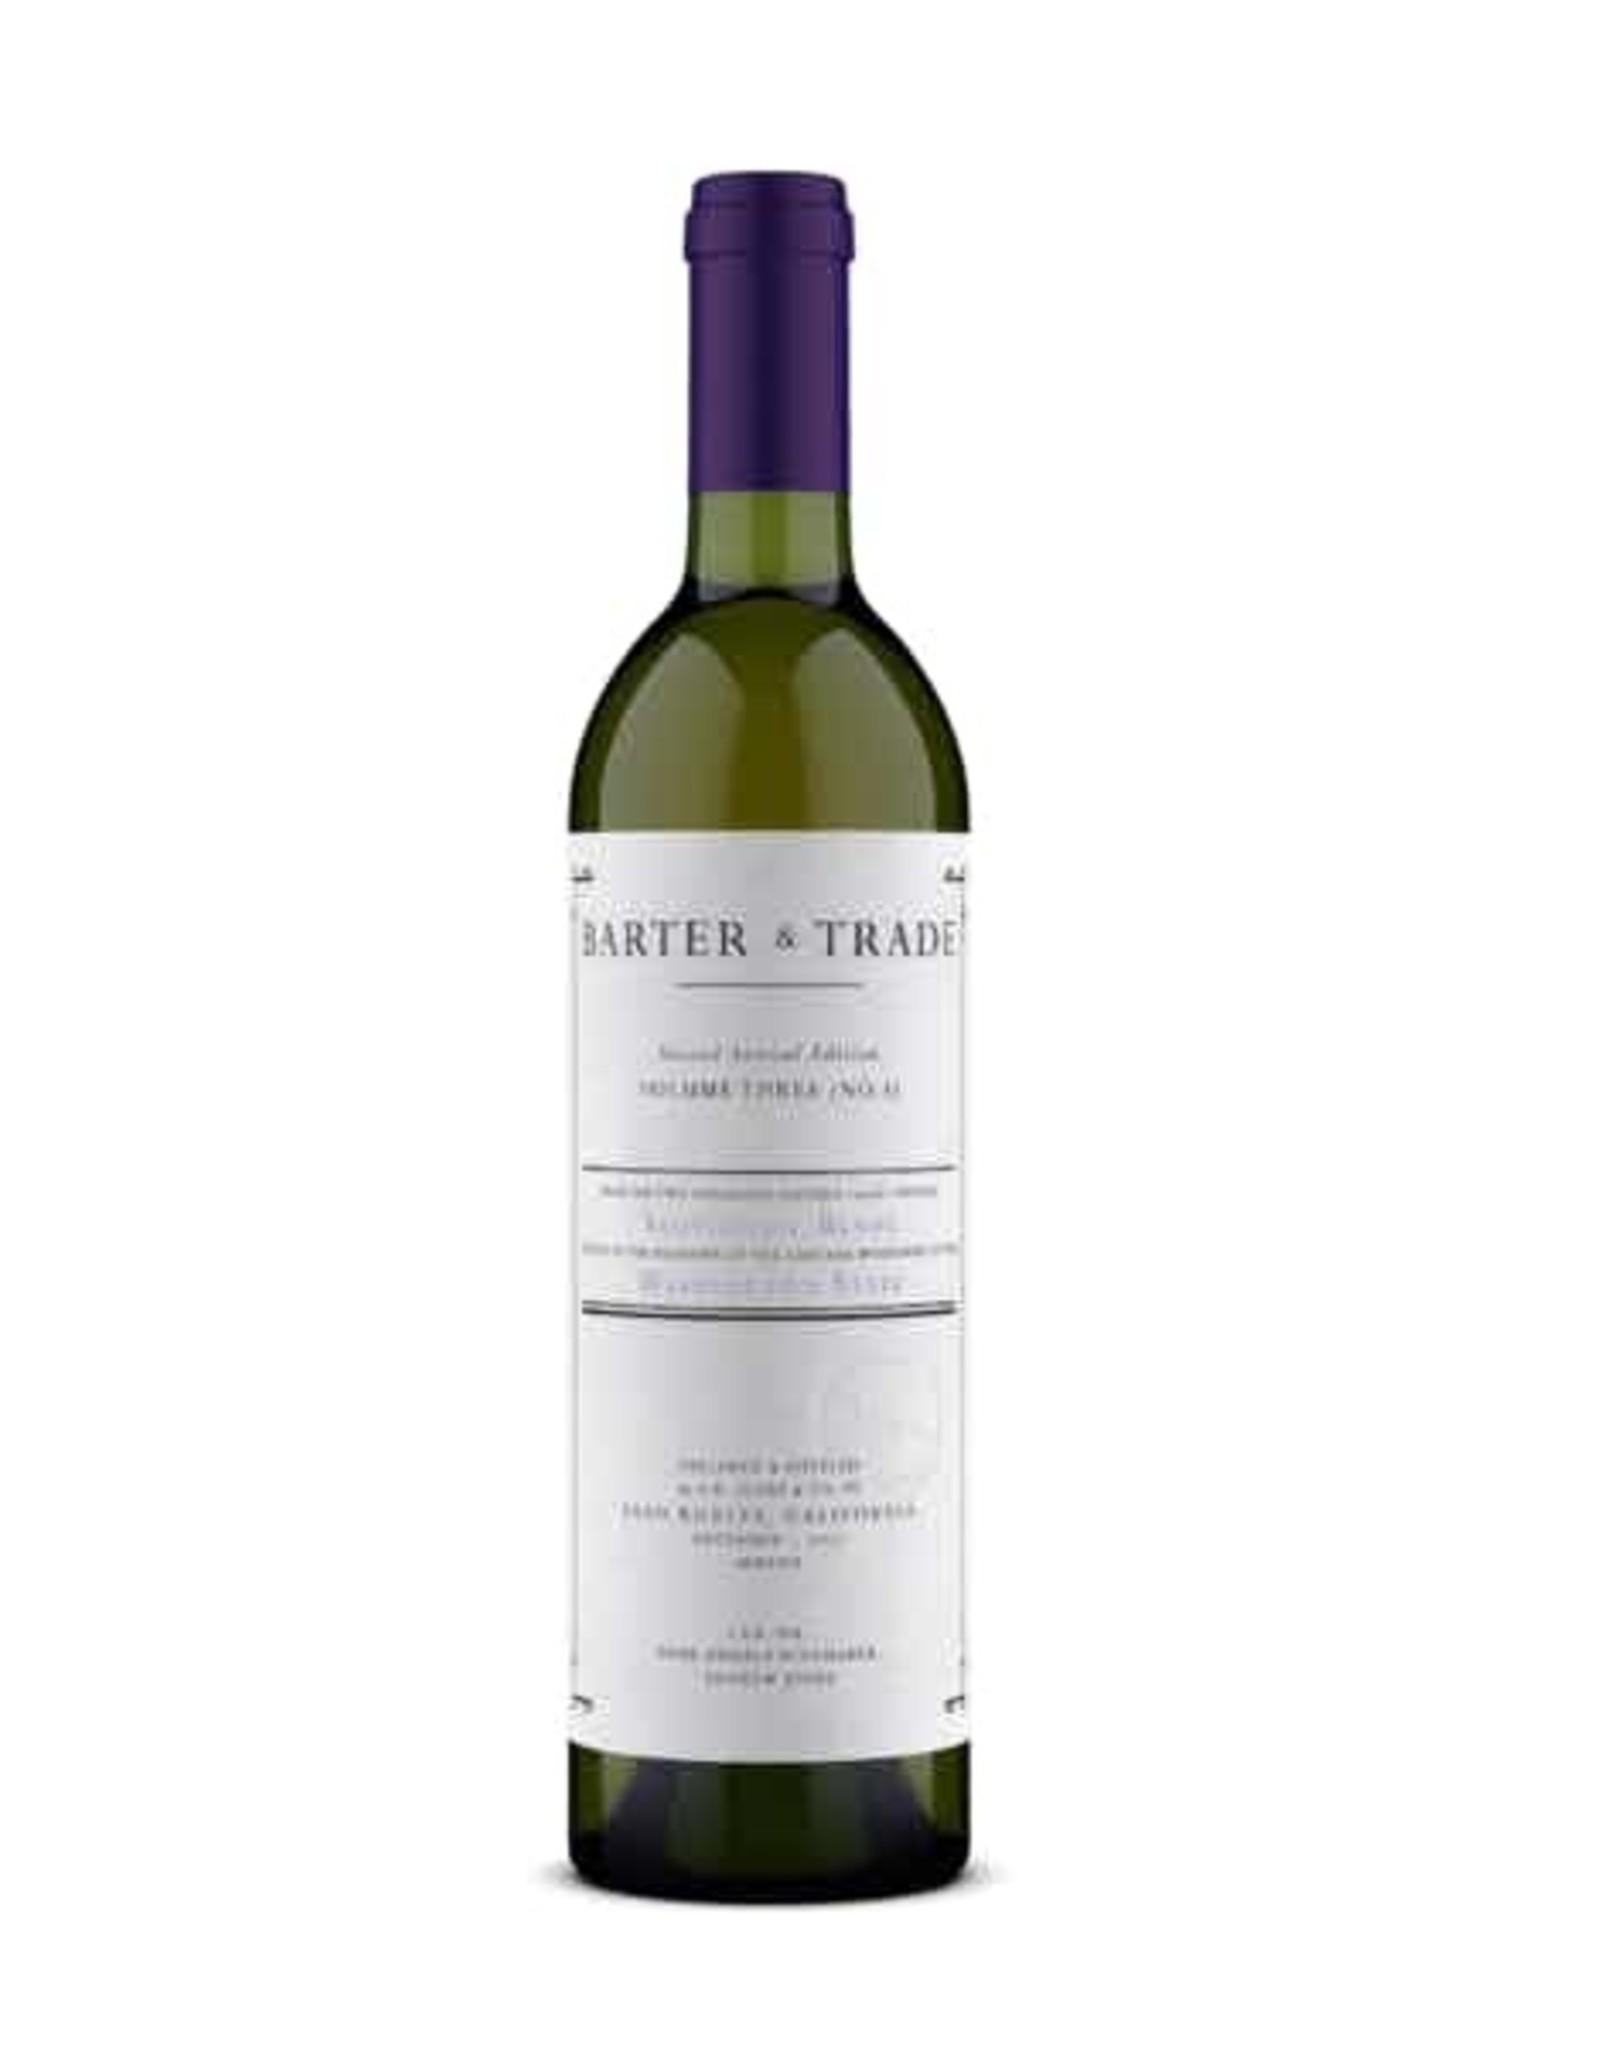 Barter & Trade Barter & Trader Sauvignon Blanc Edition 4 Volume 3